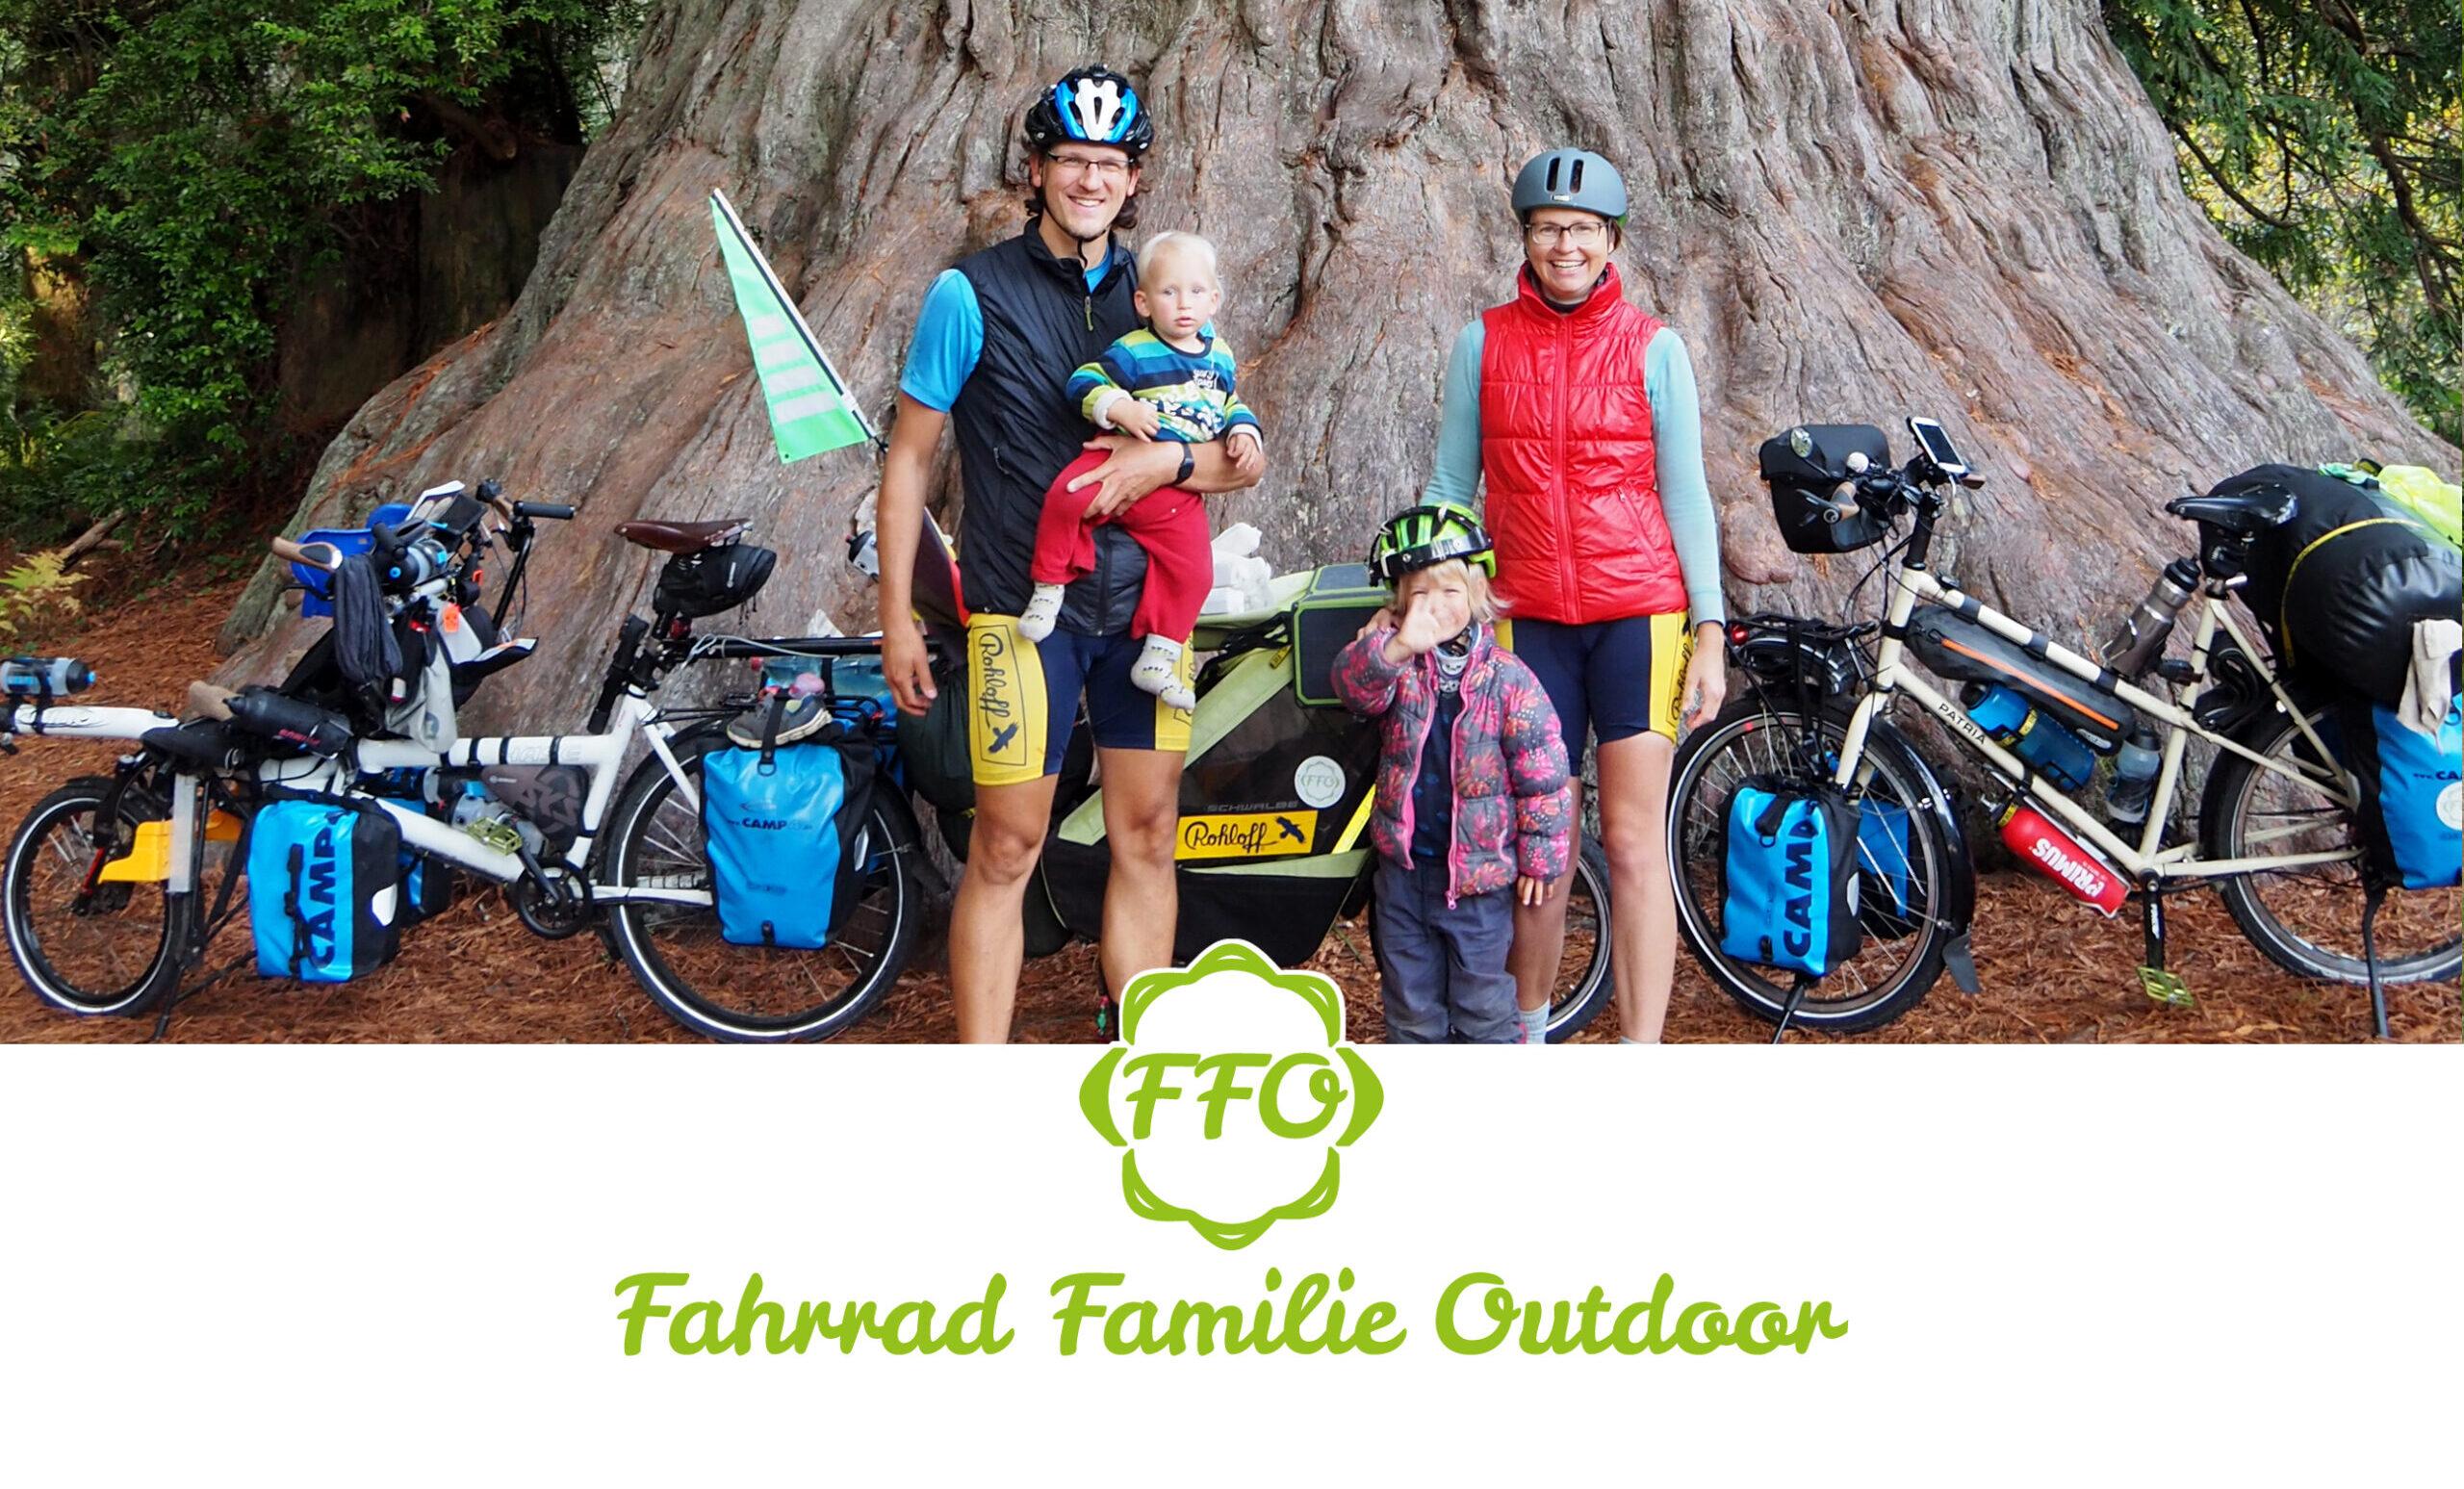 Fahrrad Familie Outdoor